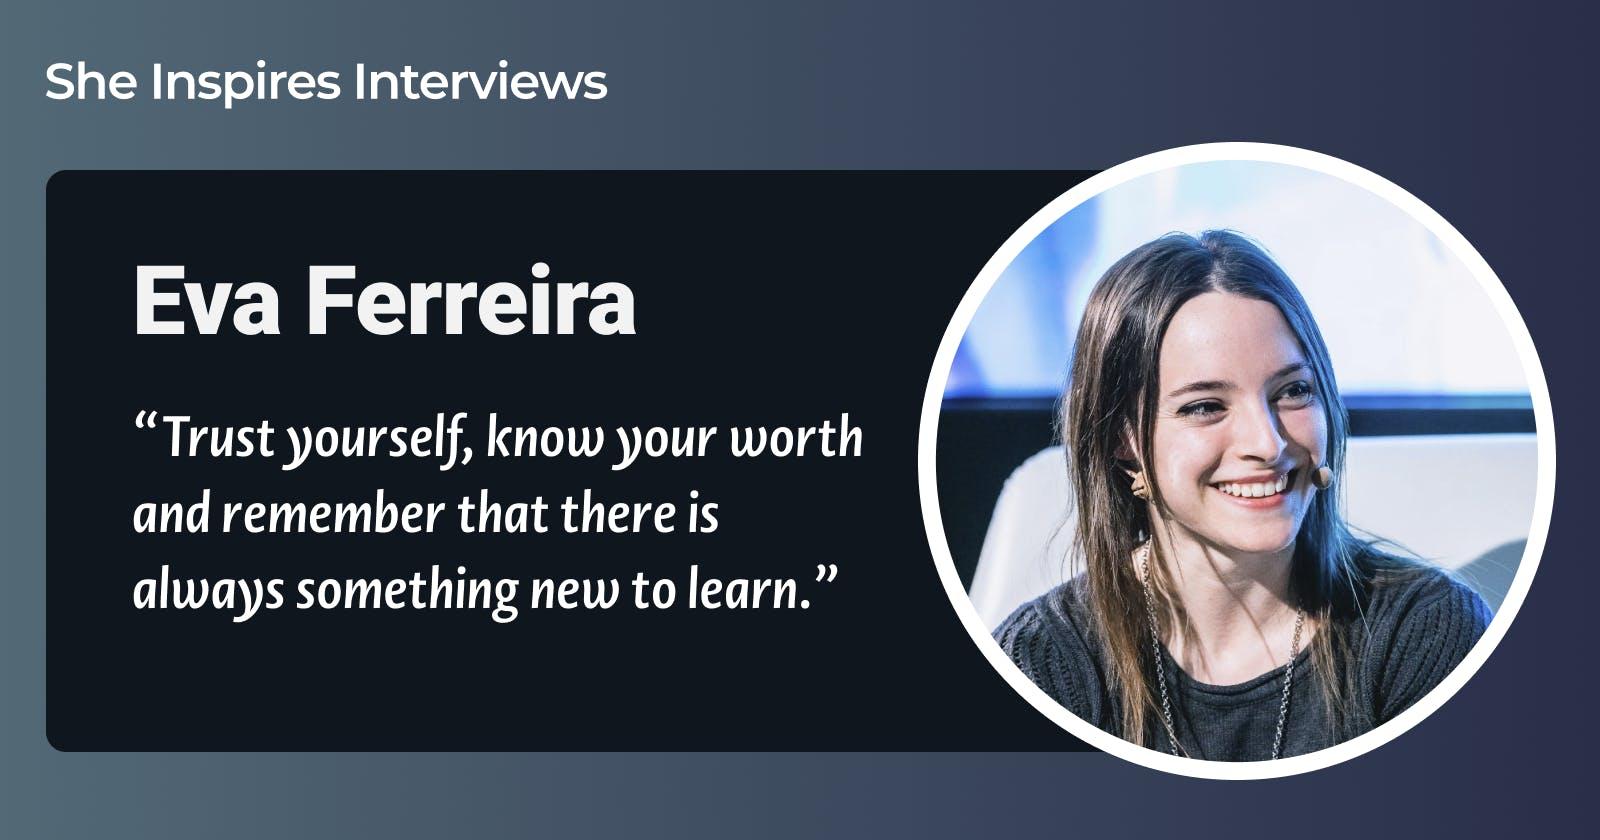 Women in Tech: Eva Ferreira